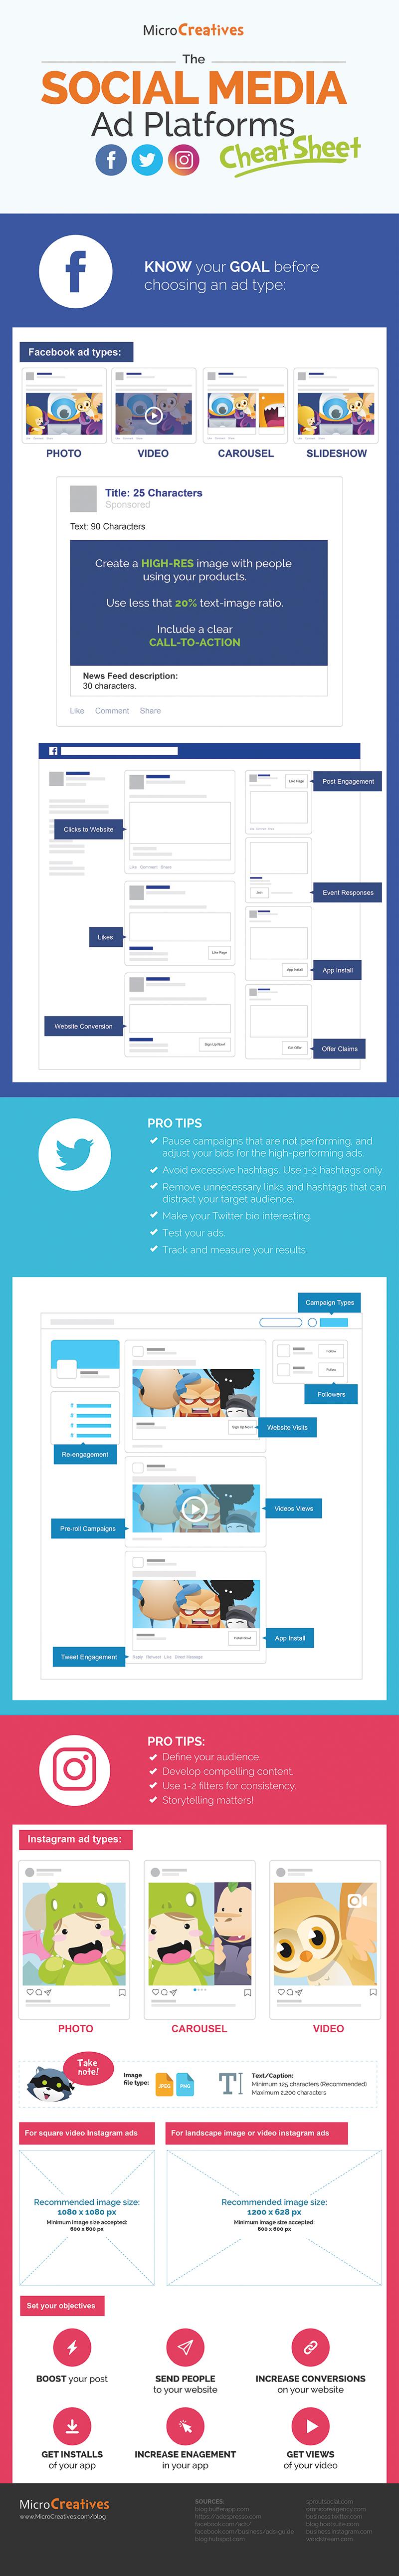 Consejos sobre publicidad en las Redes Sociales